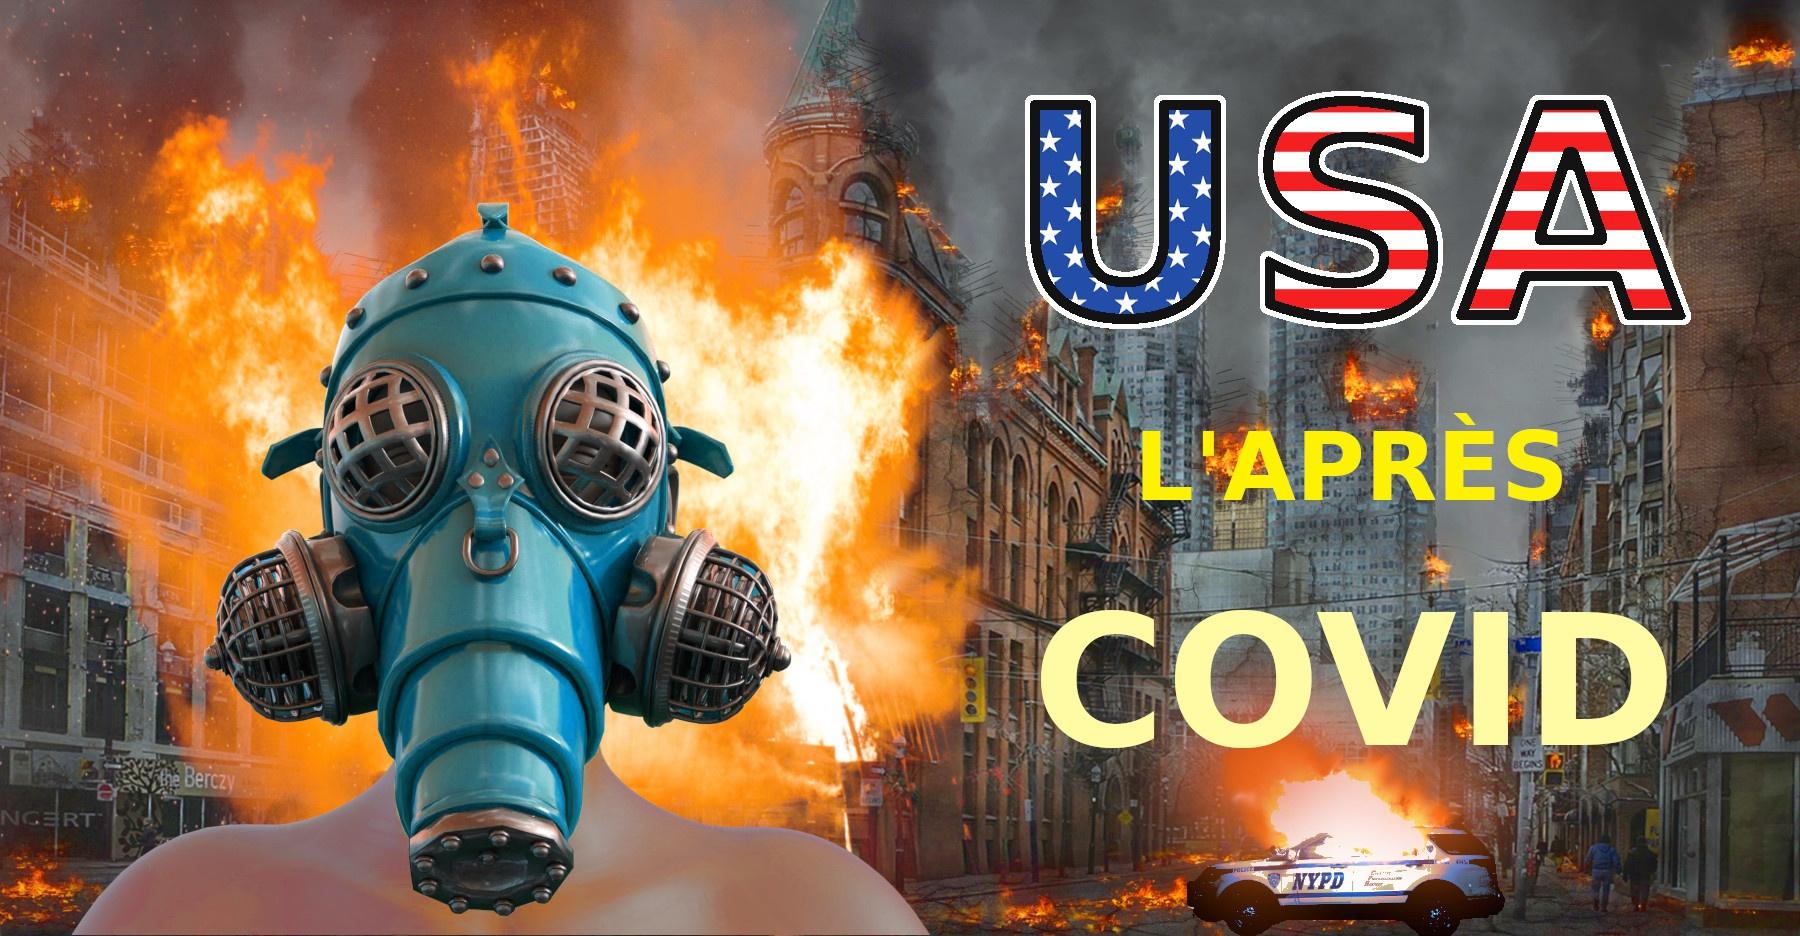 Émeutes aux USA - l'après covid